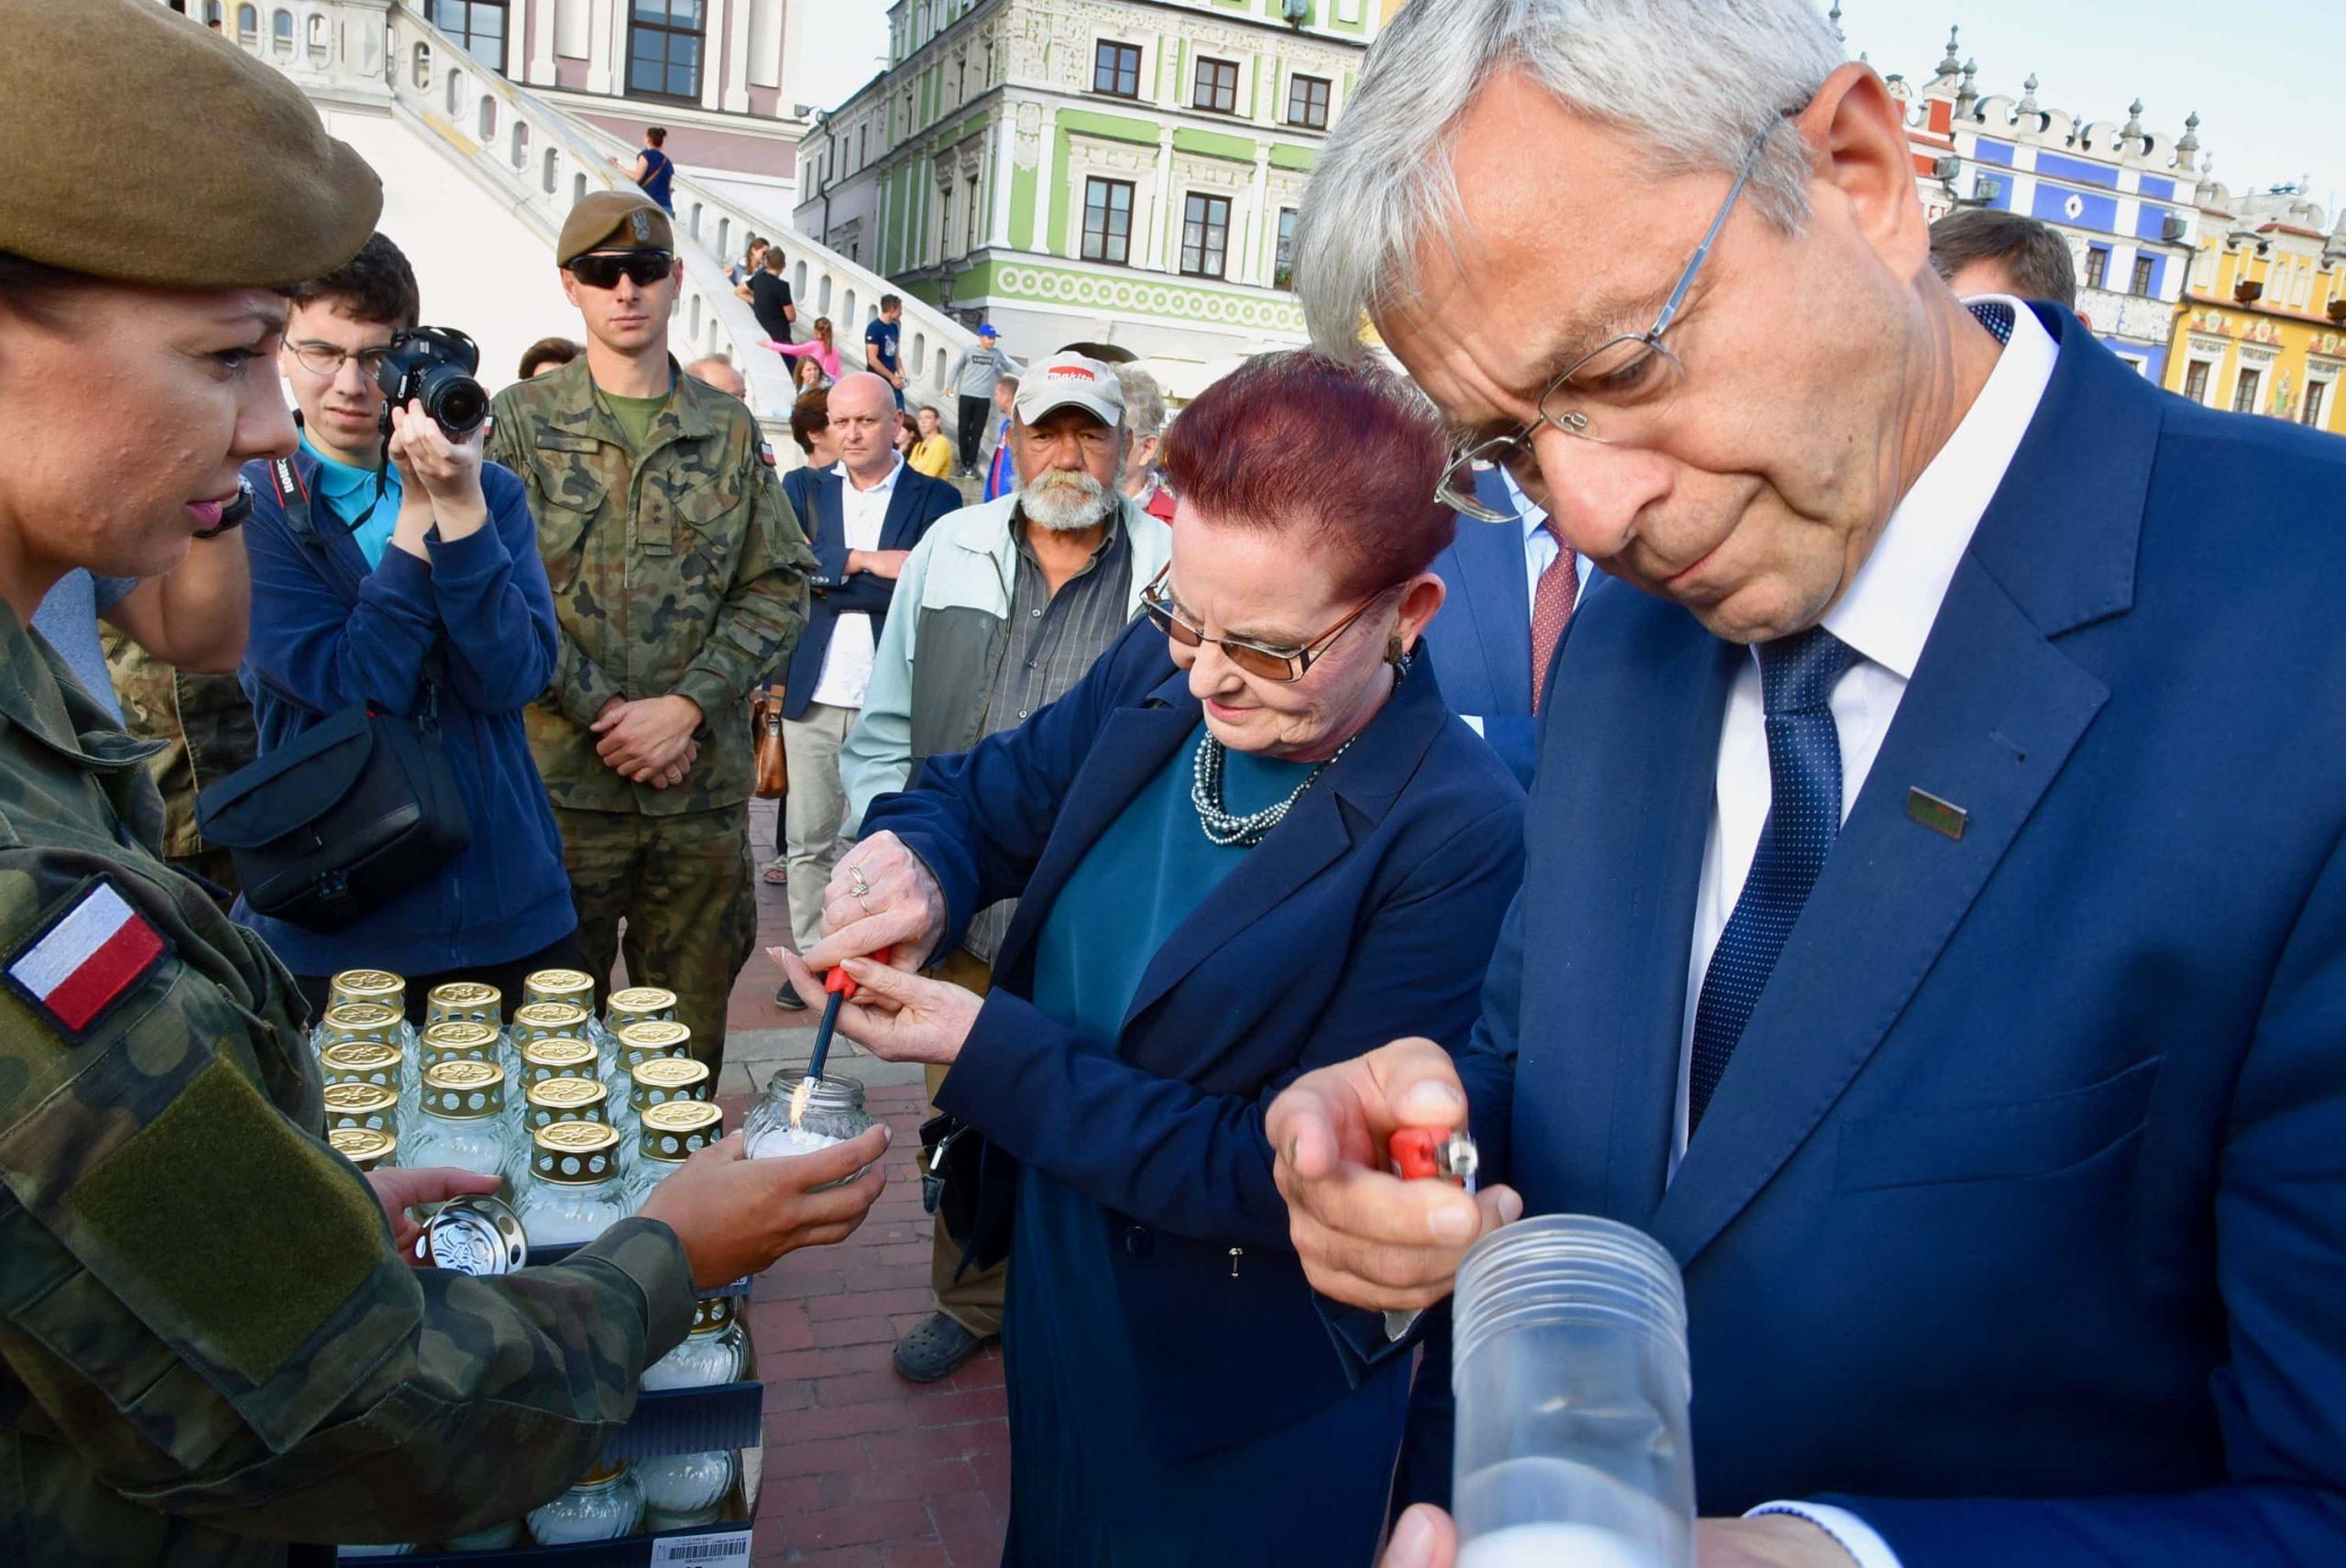 dsc 7173 scaled Tyle zniczy ilu zamordowanych w Katyniu (dużo zdjęć)